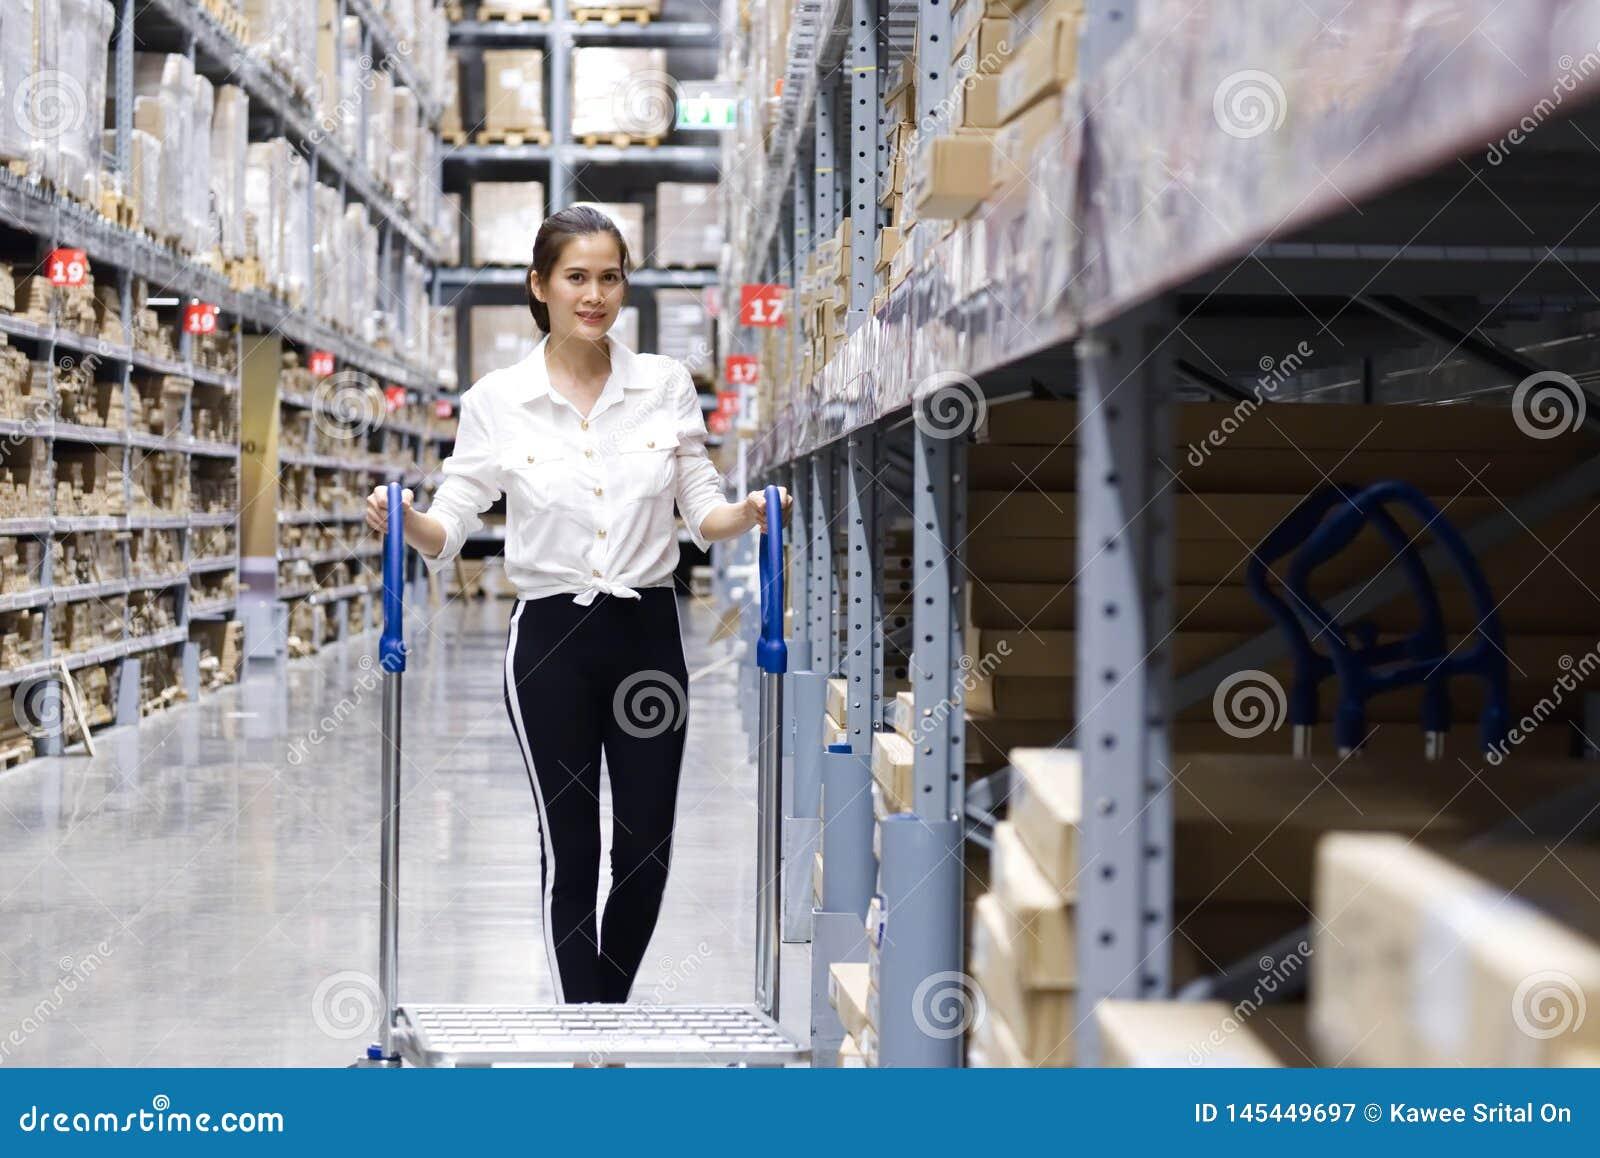 Ασιατικός όμορφος πελάτης που ψάχνει τα προϊόντα στην αποθήκη εμπορευμάτων καταστημάτων Το κορίτσι που ωθεί το κάρρο και βρίσκει